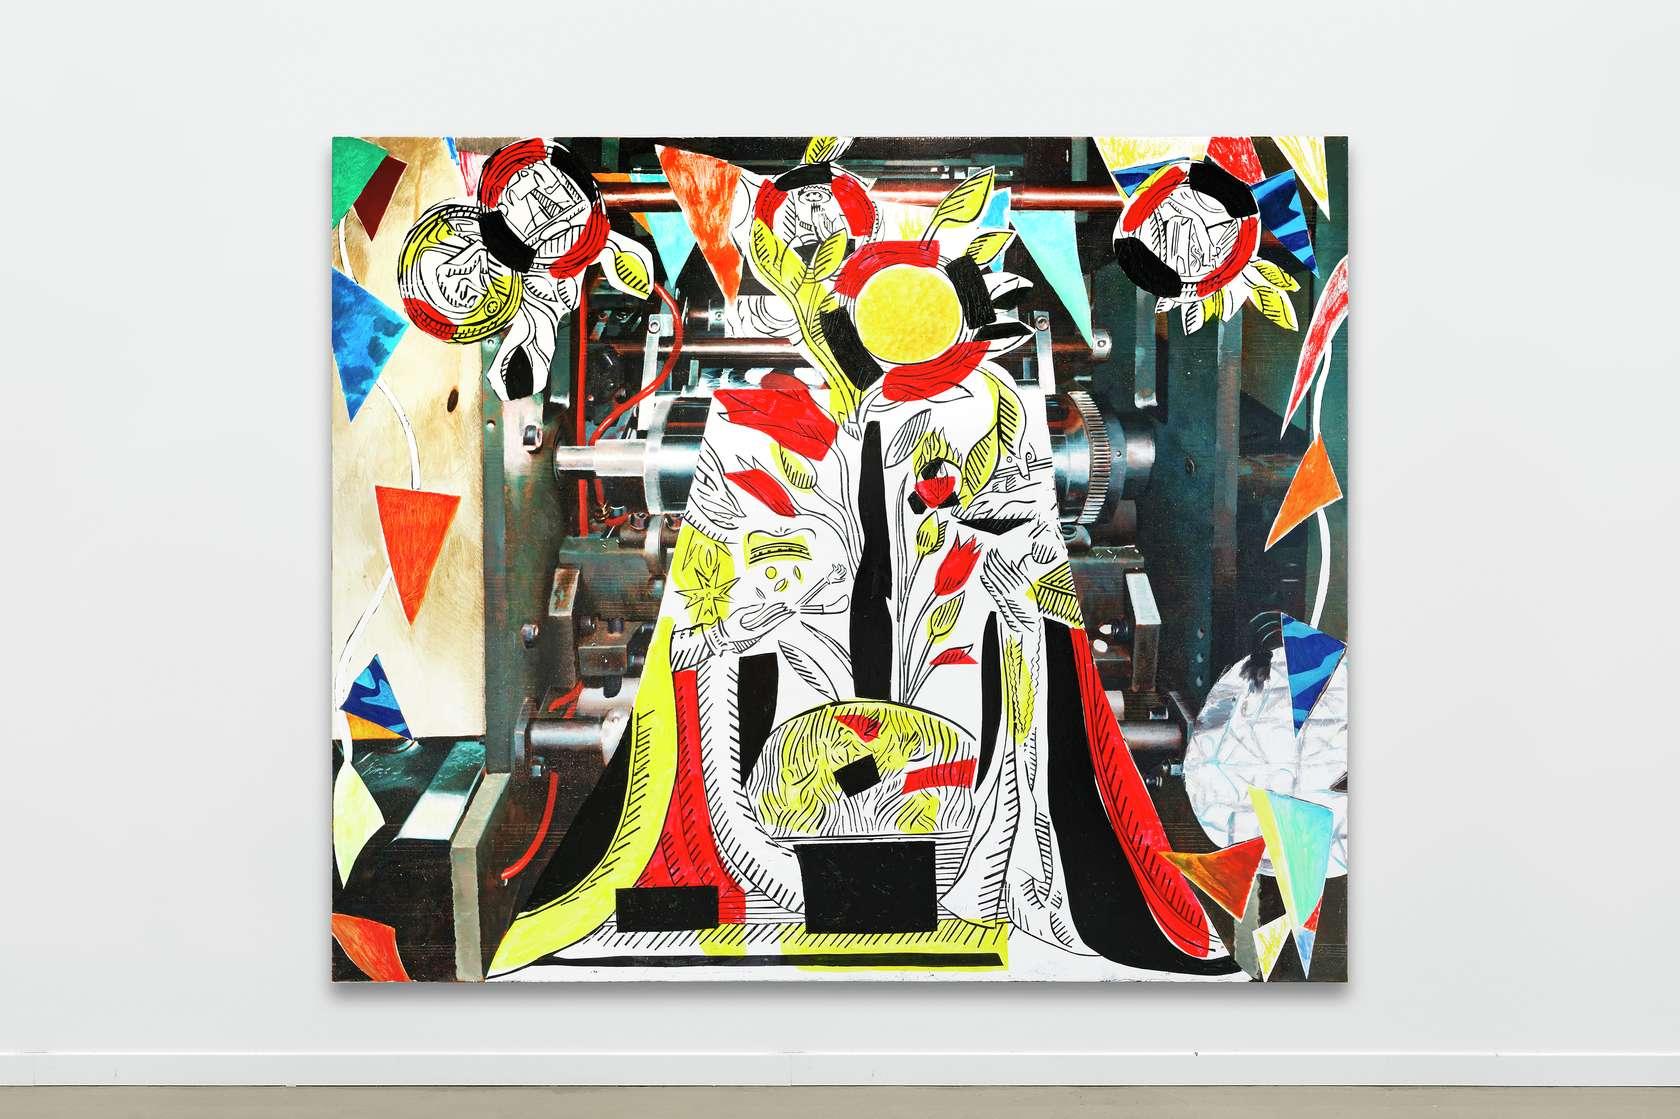 Laurent Proux, Roses et épines, 2018 Huile sur toile200 × 240 cm / 78 6/8 × 94 1/2 in.